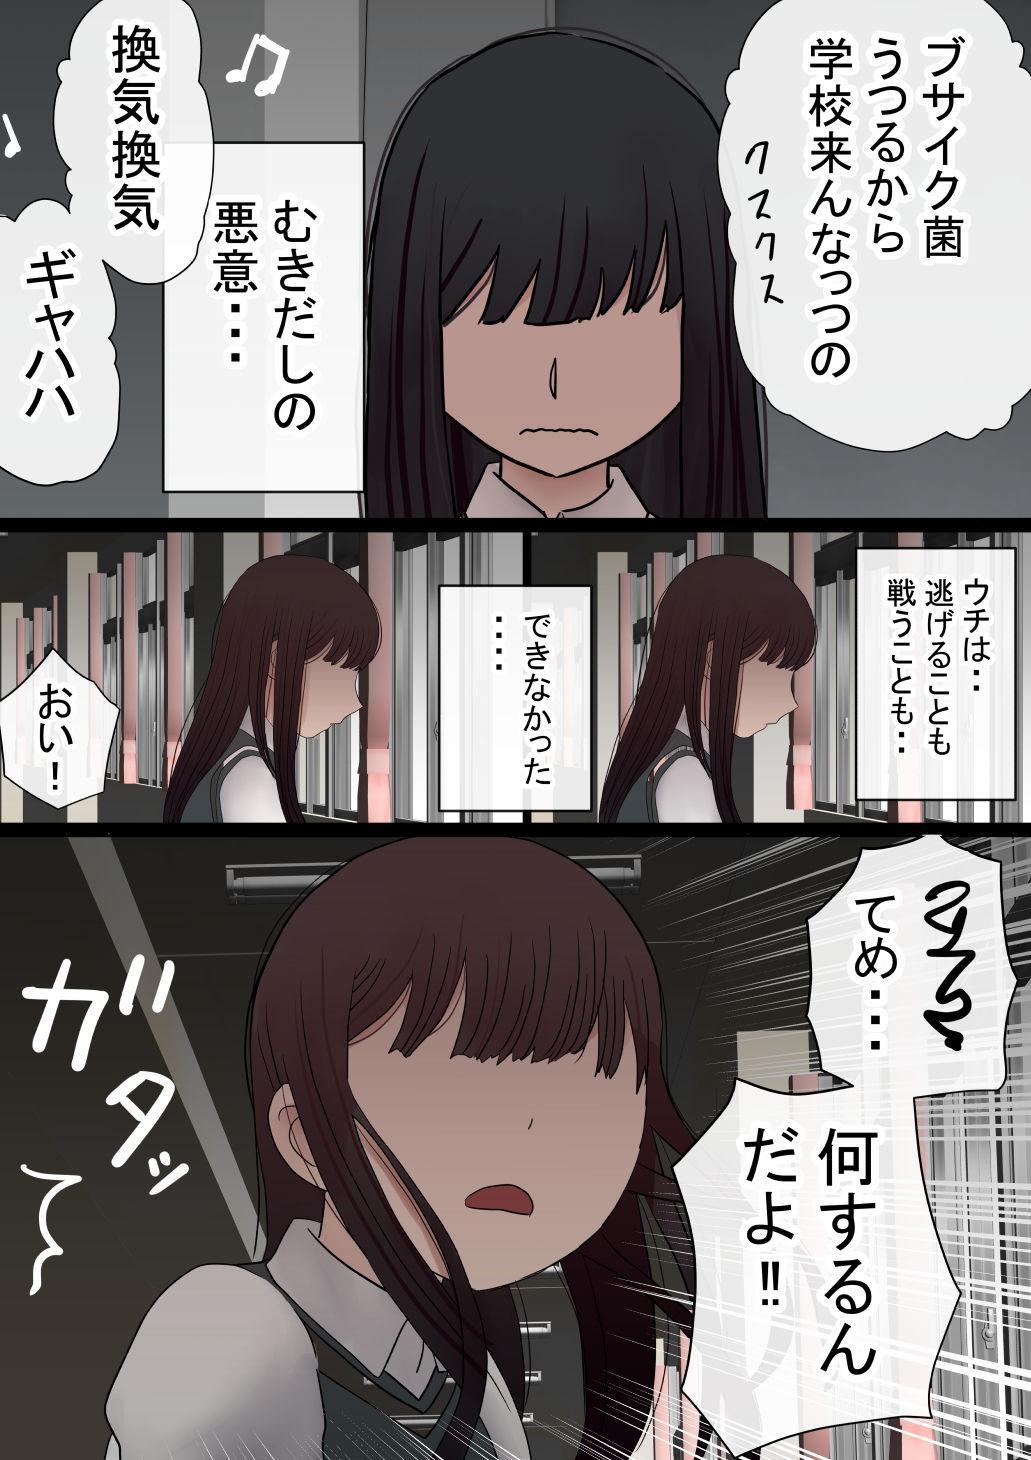 Motomoto, Jimiko datta Ore no Gal Kanojo ga, Yarichin ni NTR 78